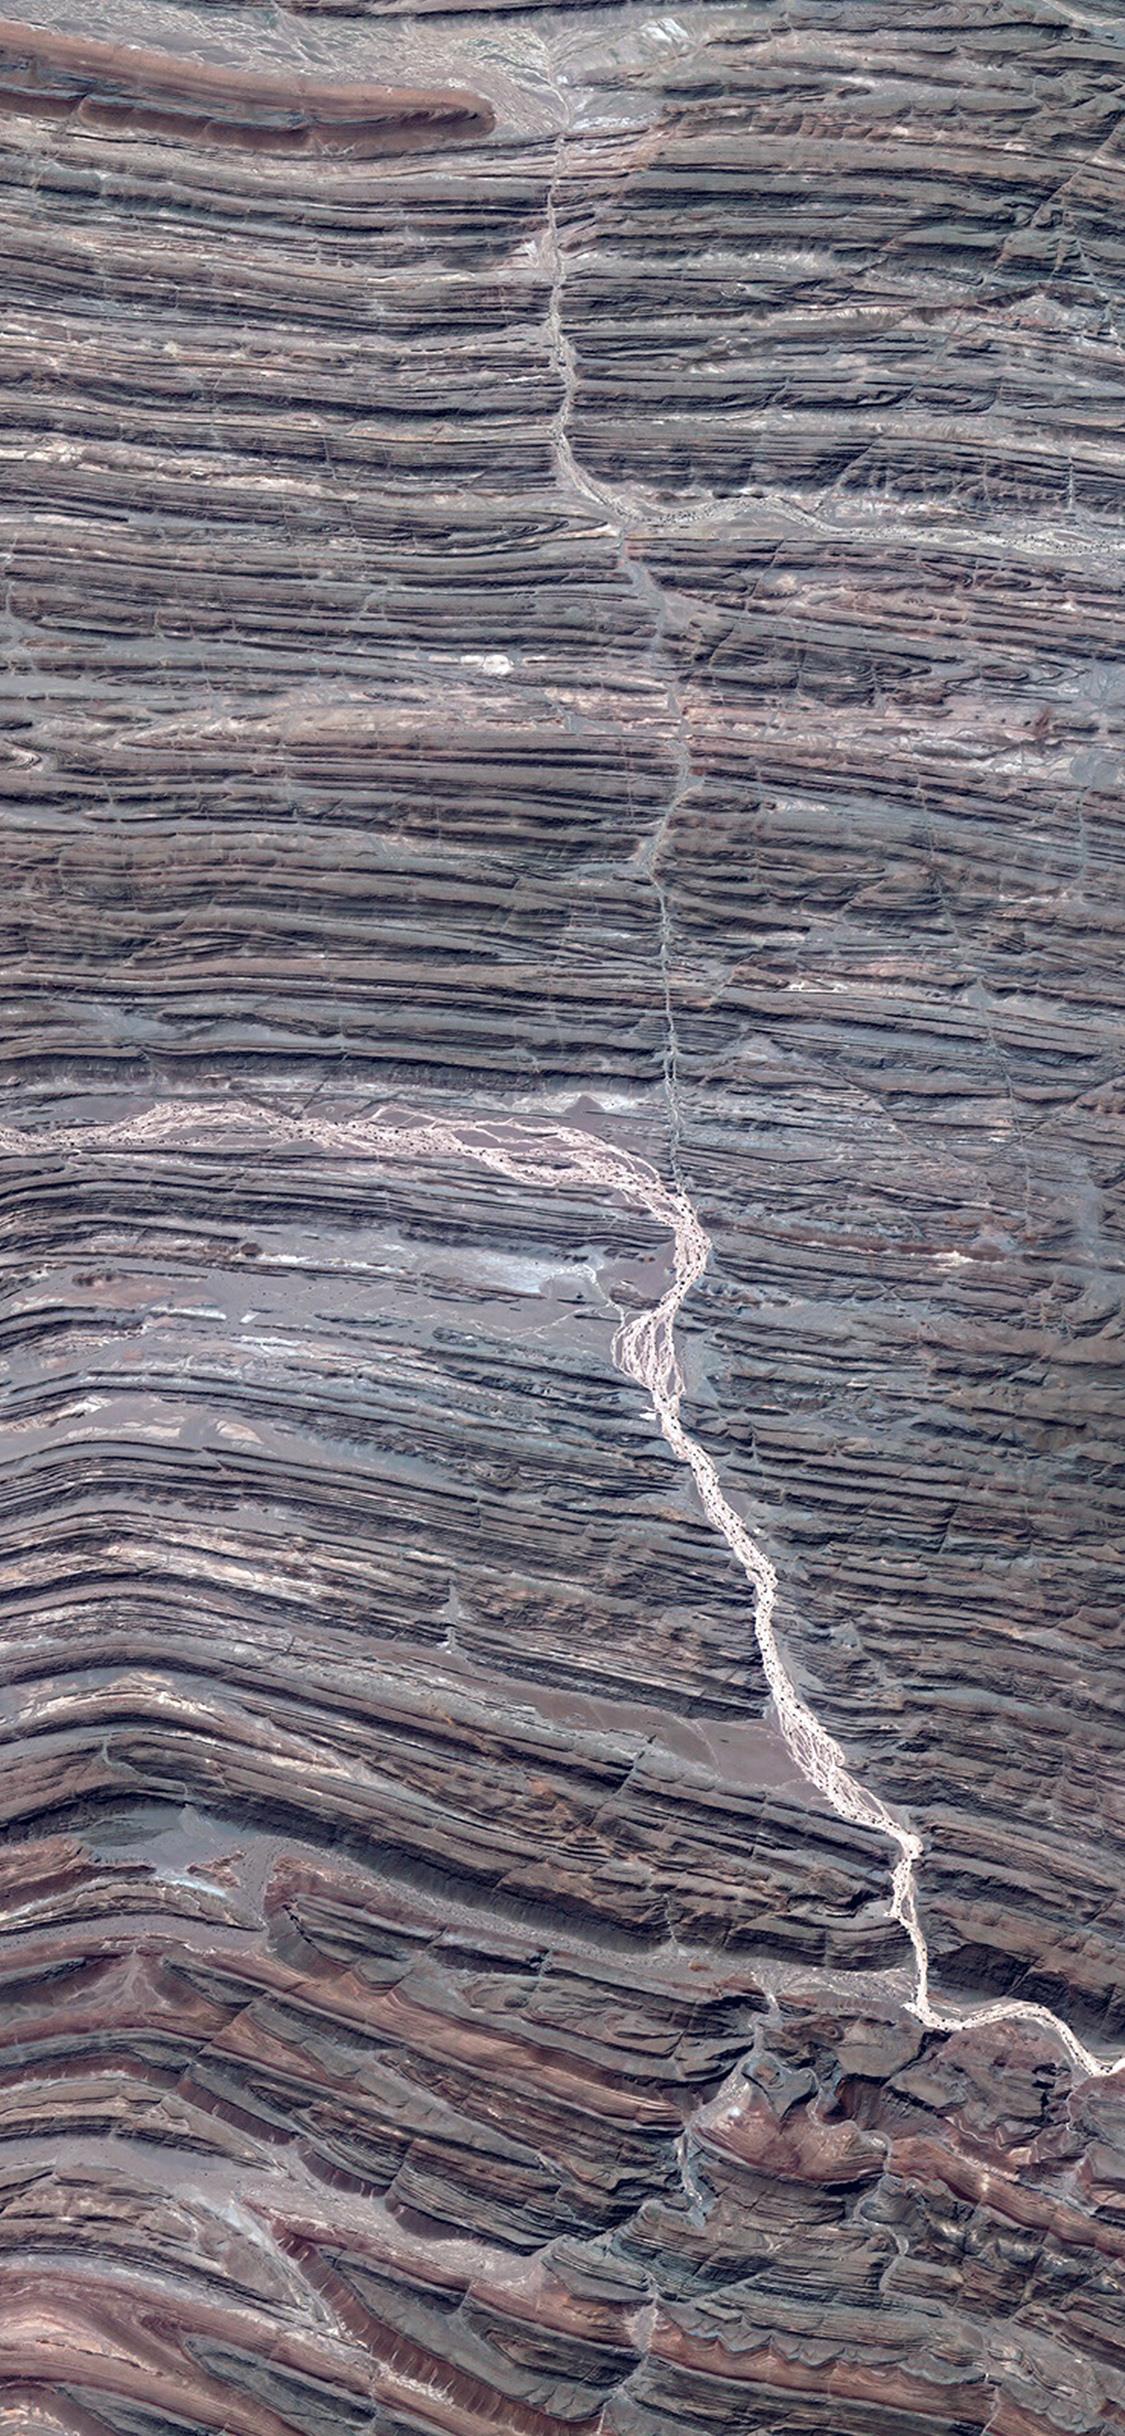 Un particolare di una roccia - Sfondi per iPhone, i migliori da scaricare gratis